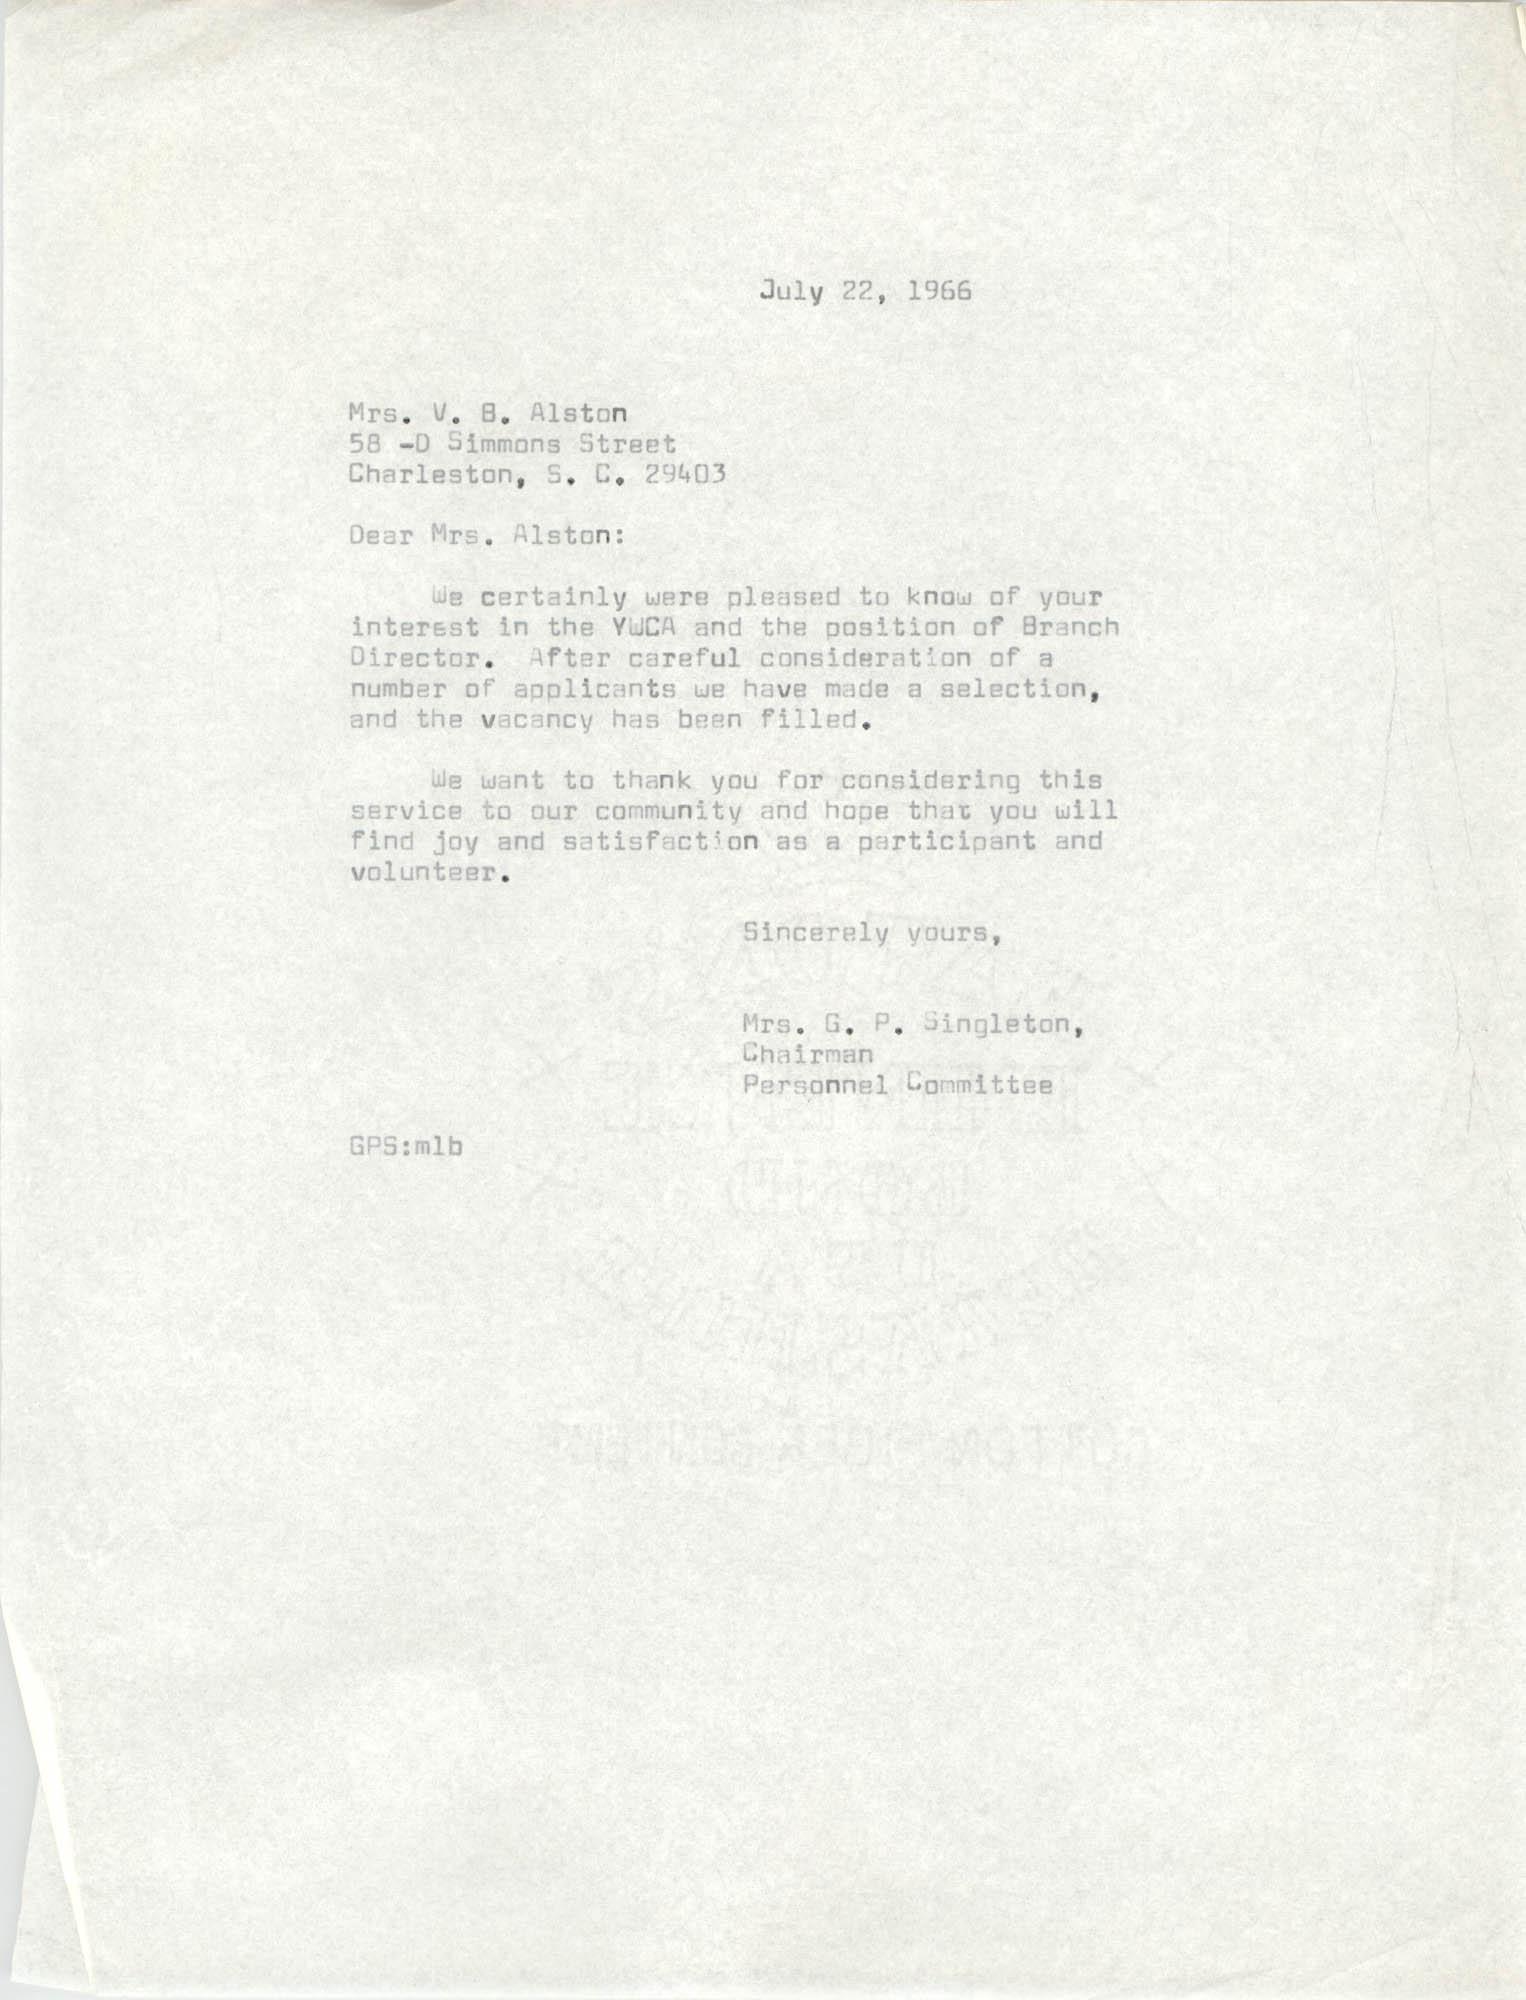 Letter from Mrs. G. P. Singleton to Virginia B. Alsten, July 22, 1966